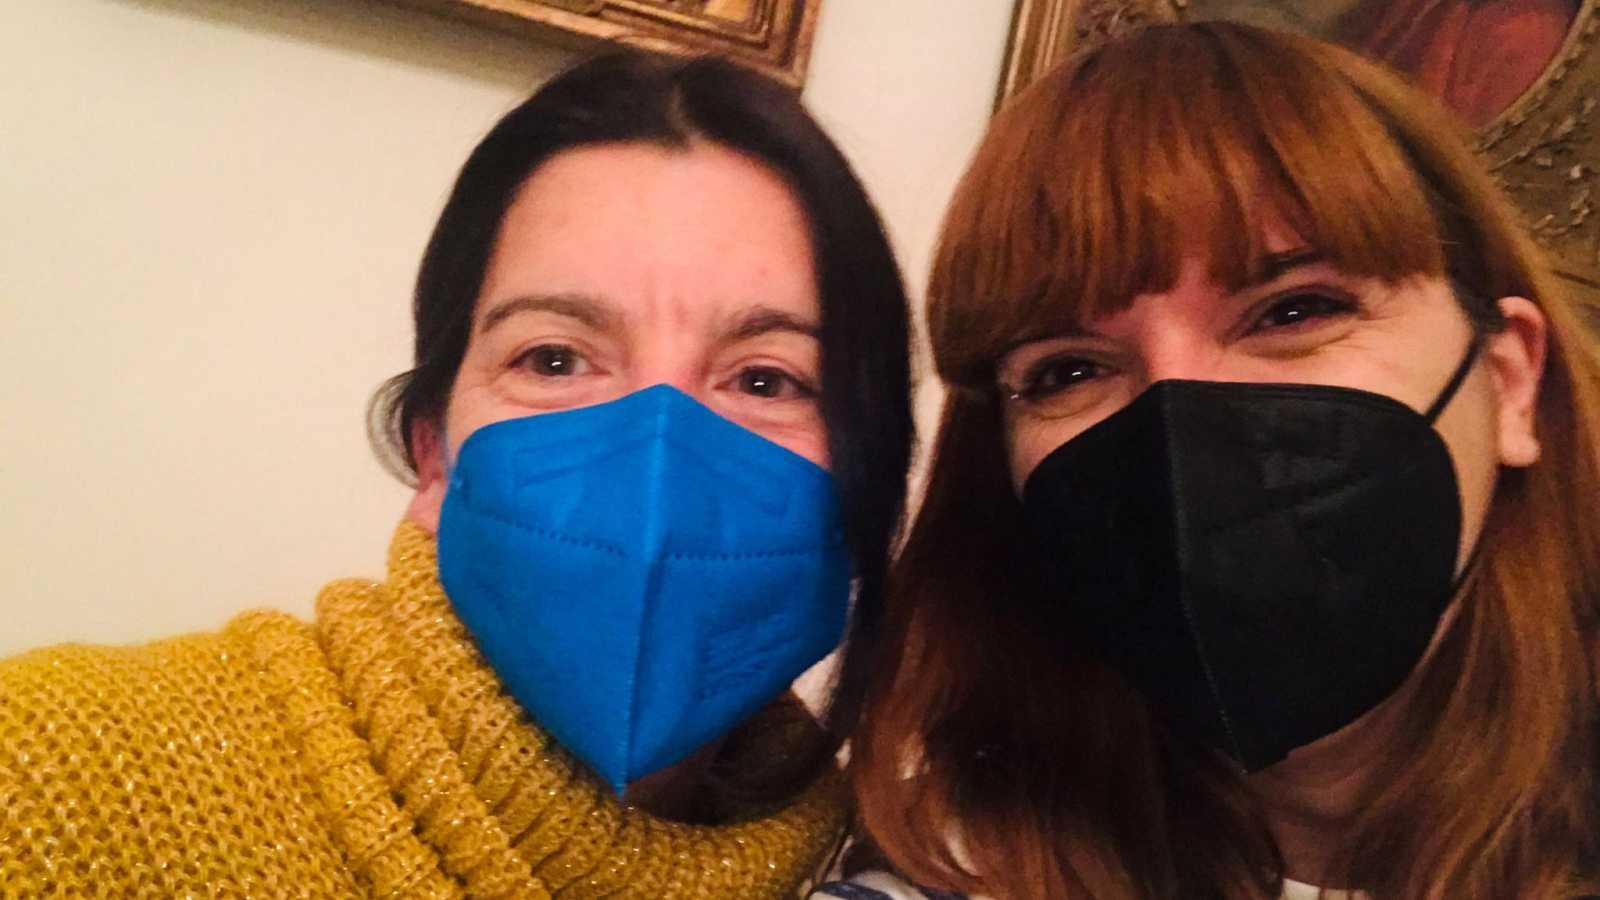 La sala - Julietas y Medeas: Laia Marull y Prado Campos - 21/03/21 - Escuchar ahora